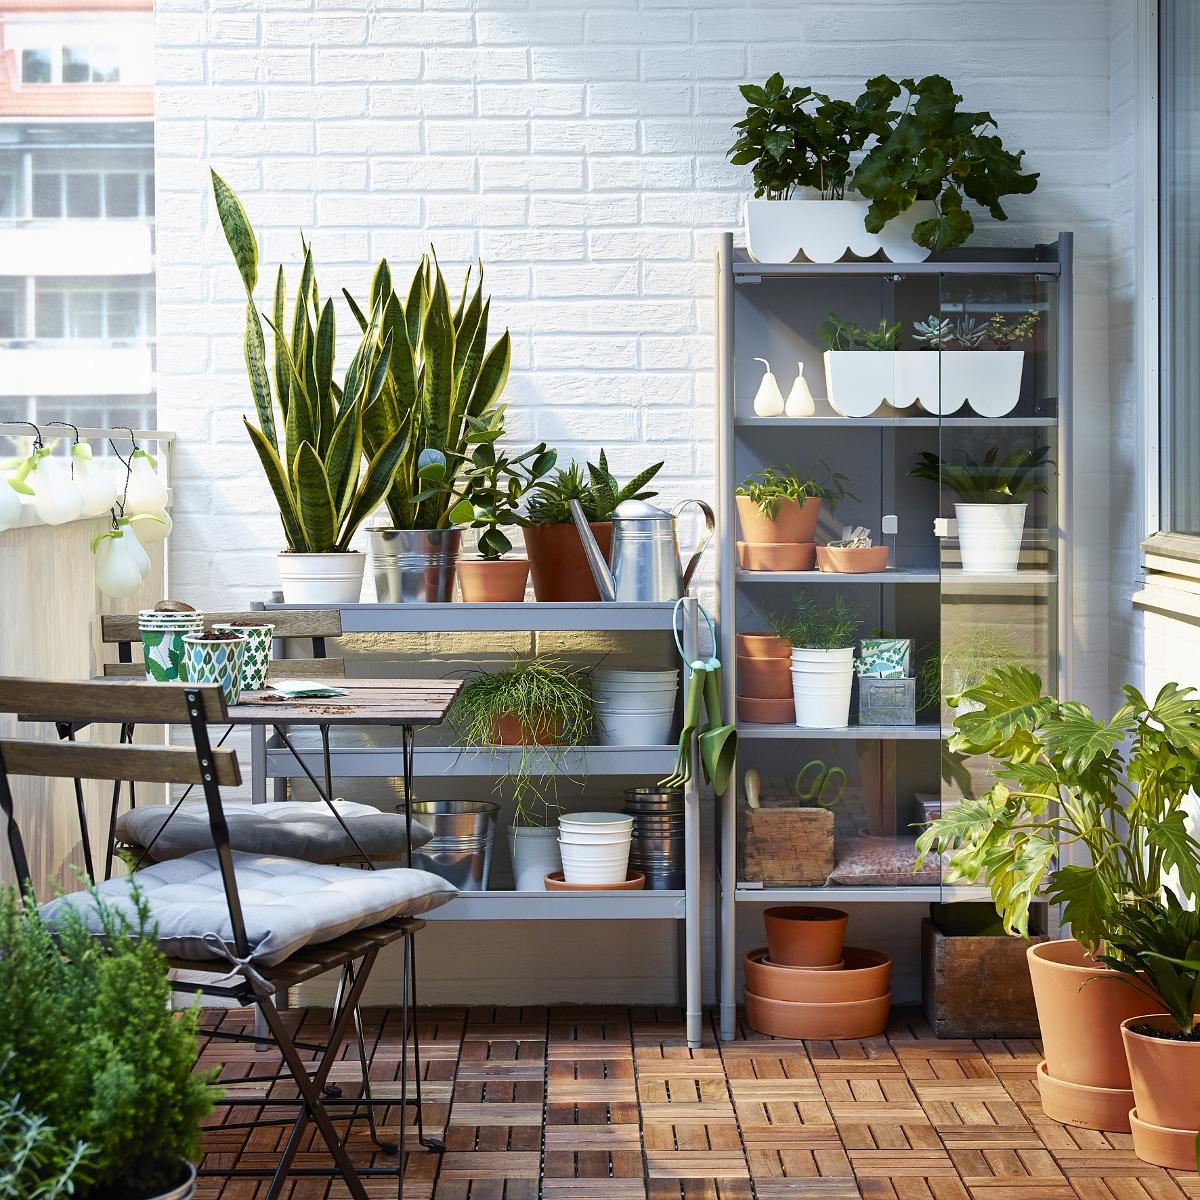 ... voor balkon of tuin - Nieuws Startpagina voor tuin ideeën  UW-tuin